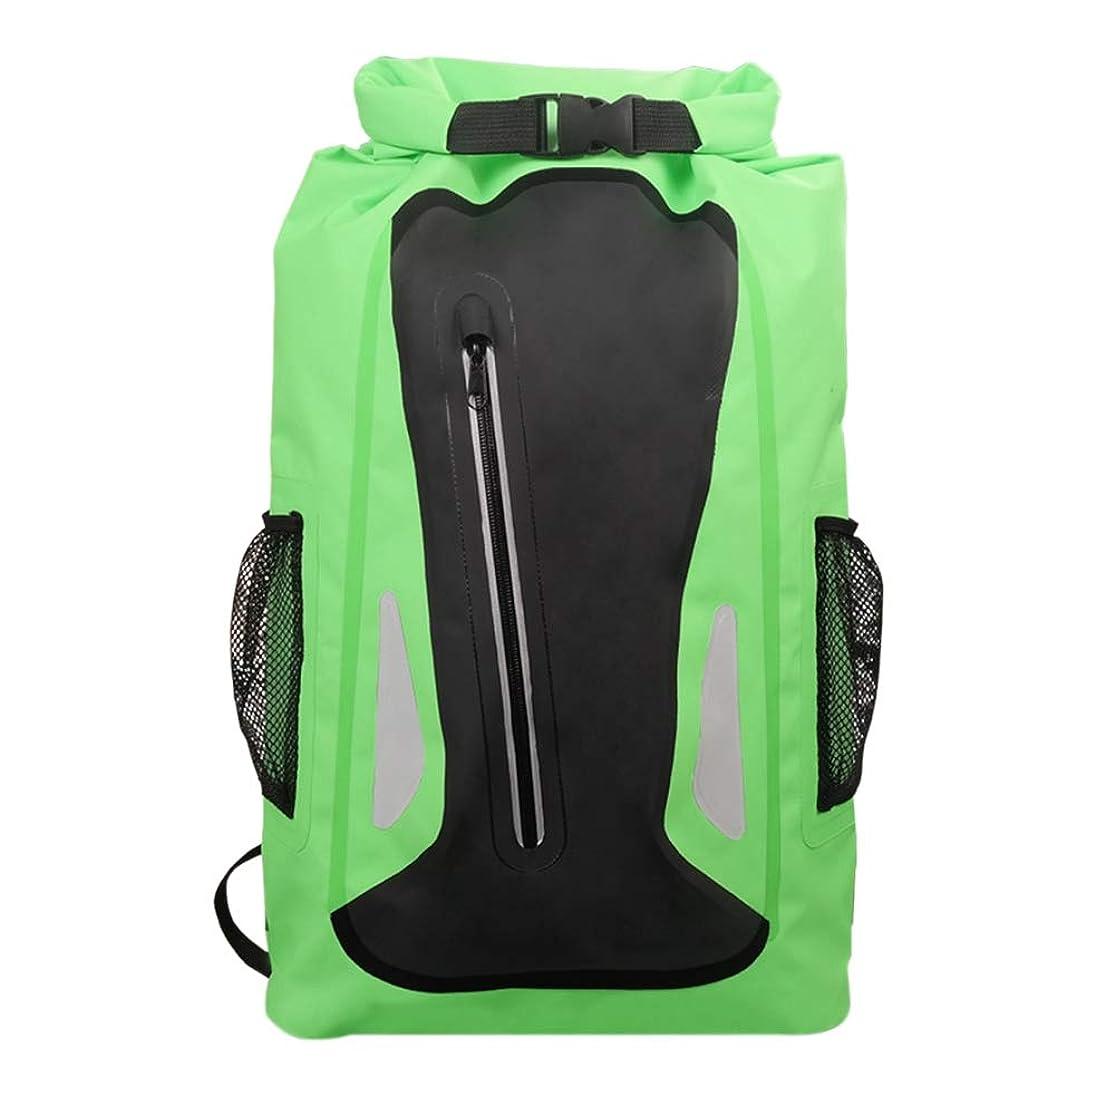 トランク有益オペレーターJVSISM アウトドアブルー川旅行バッグドライサックバッグダブルショルダーストラップウォーターパック水泳バックパック防水バッグ、漂流カヤック用